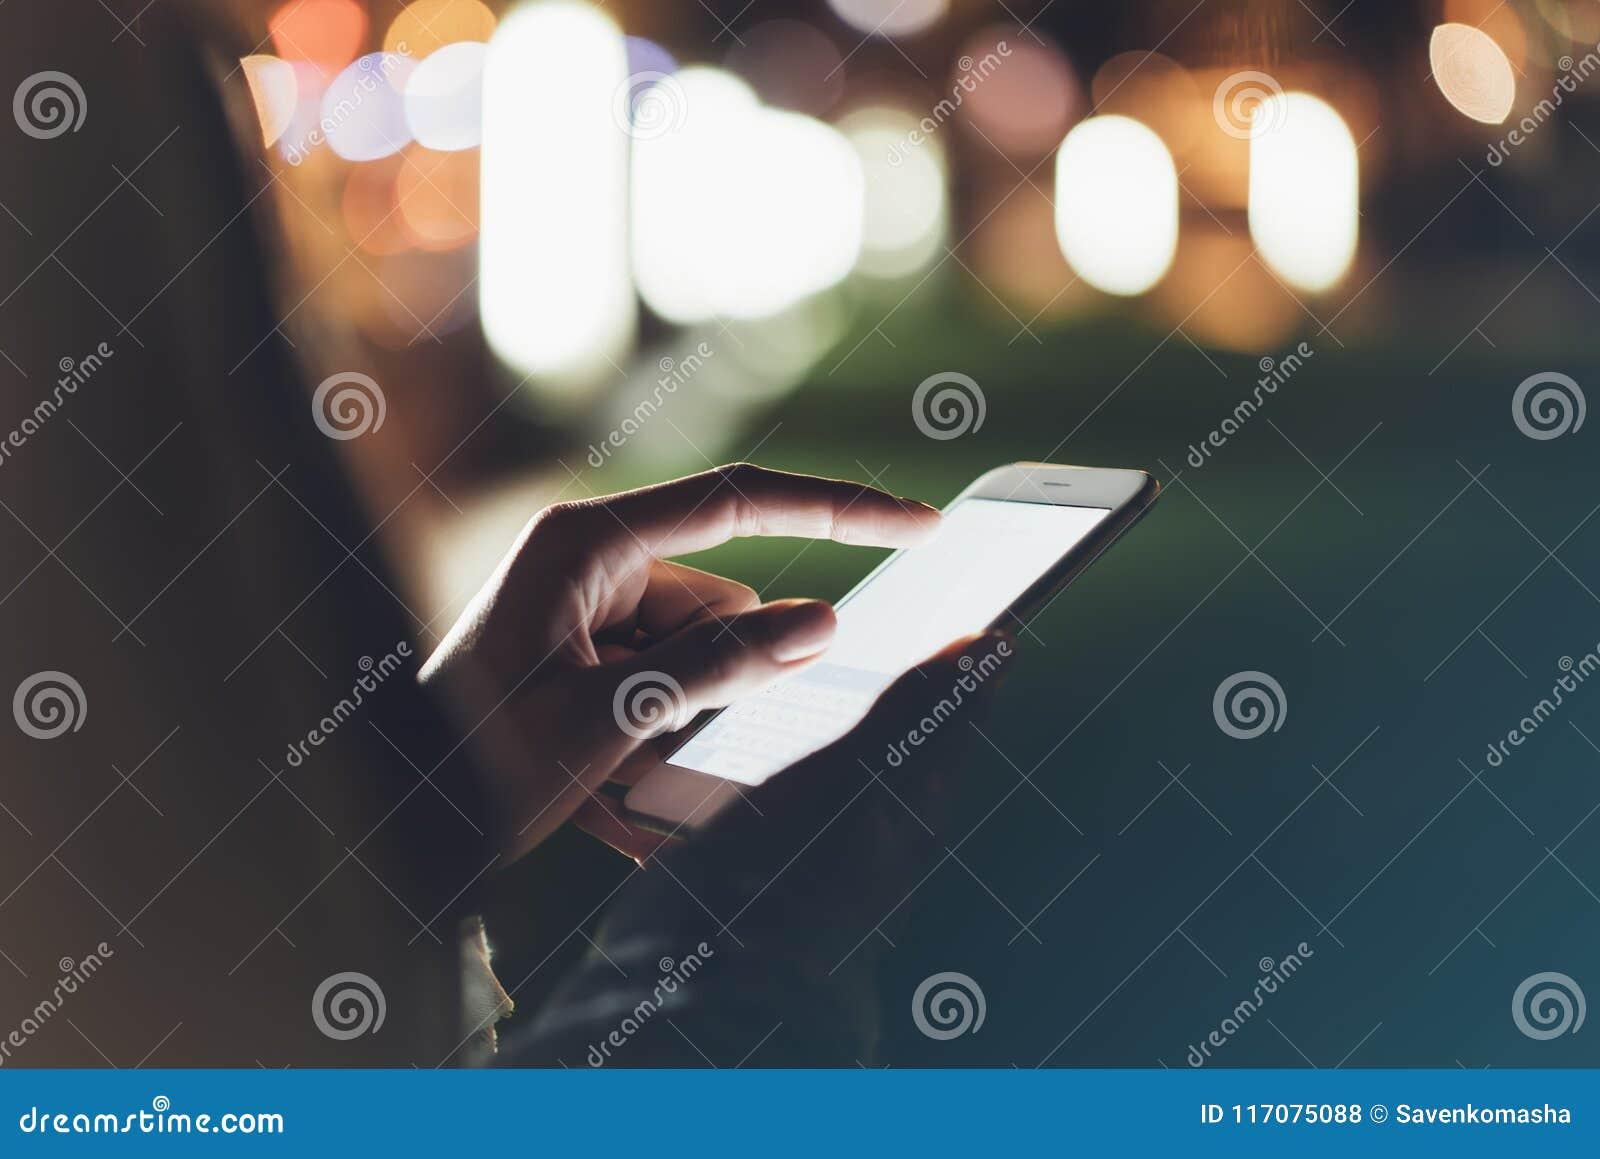 Menina que aponta o dedo no smartphone da tela na luz da cor do bokeh da iluminação do fundo na cidade atmosférica da noite, mode